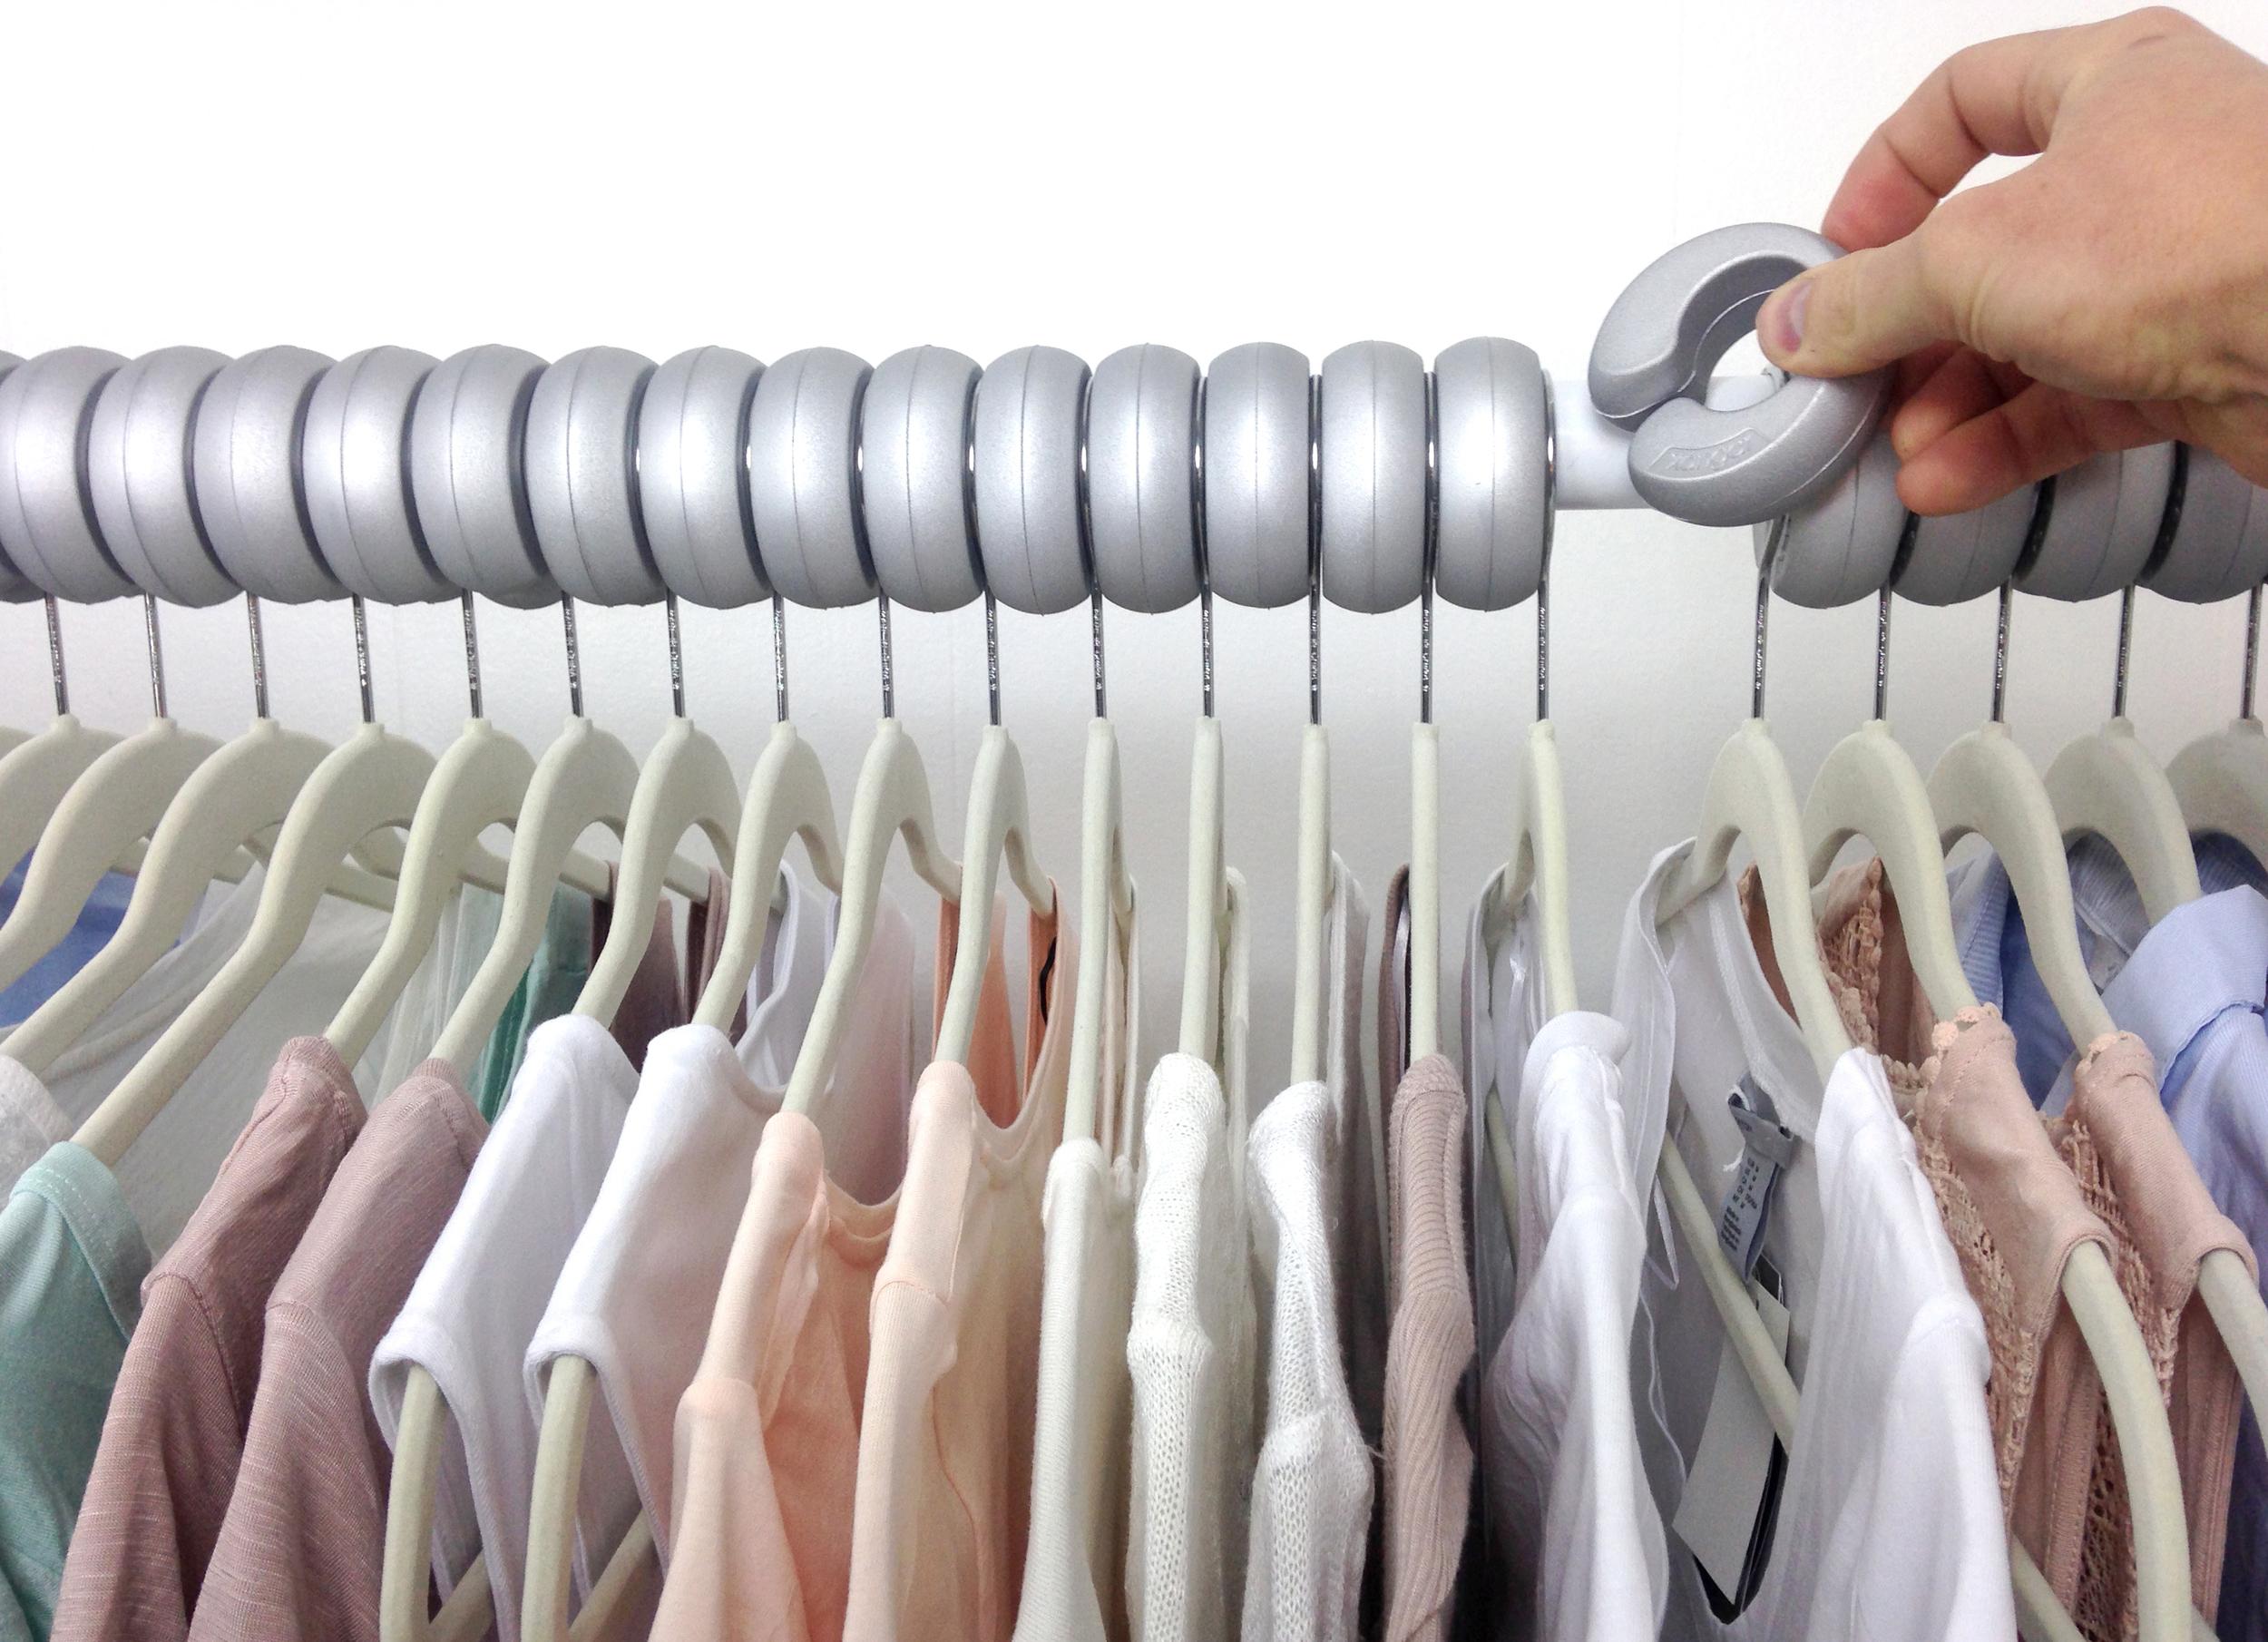 Placing Xangar in Closet